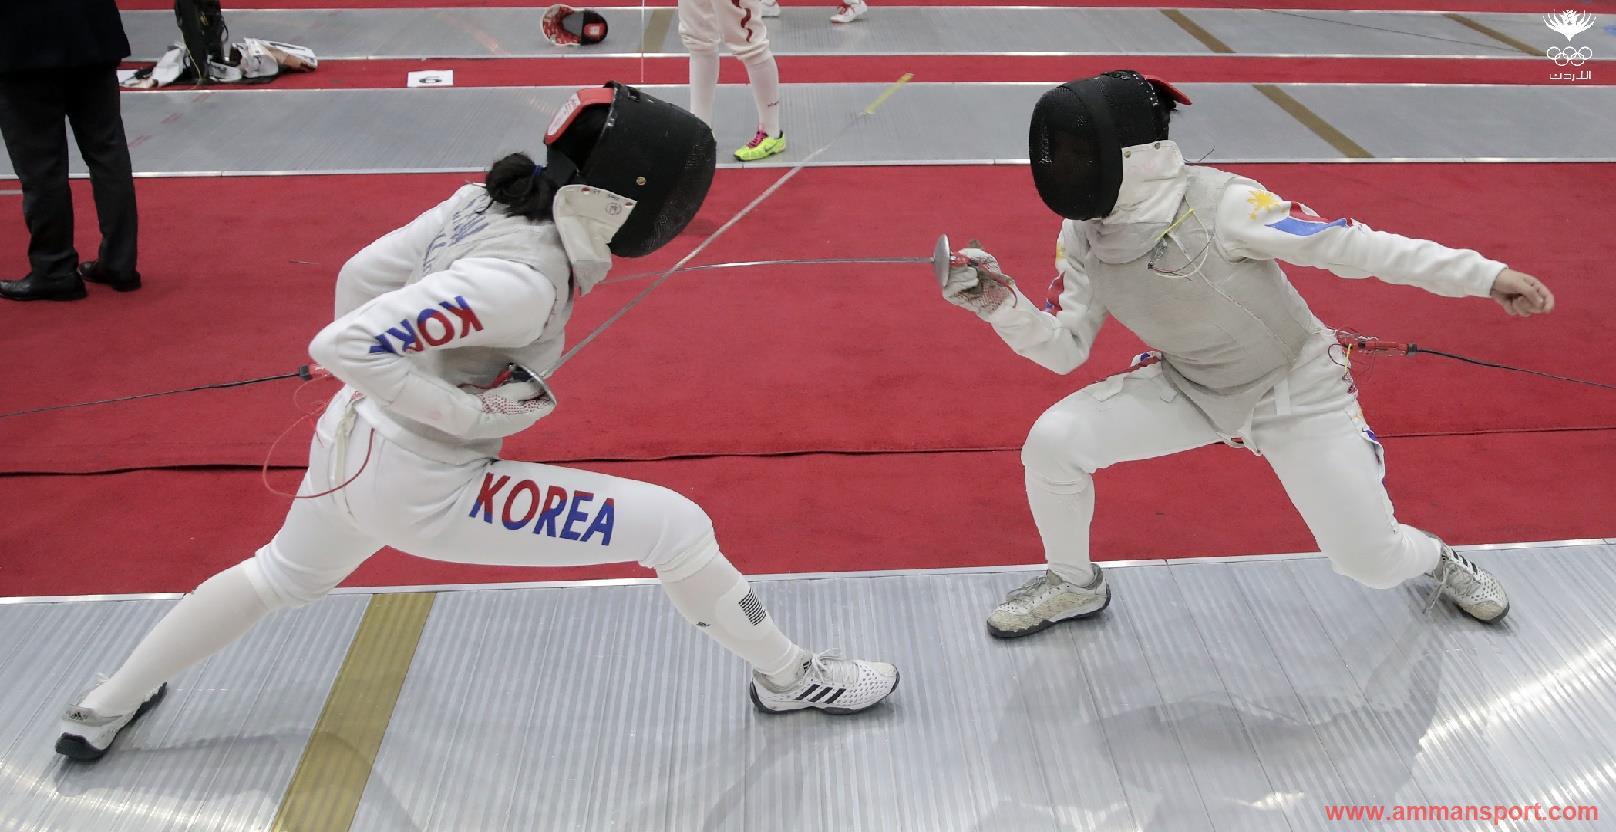 اللاعبة المنسي تحرز ذهبية الدوري الآسيوي للمبارزة